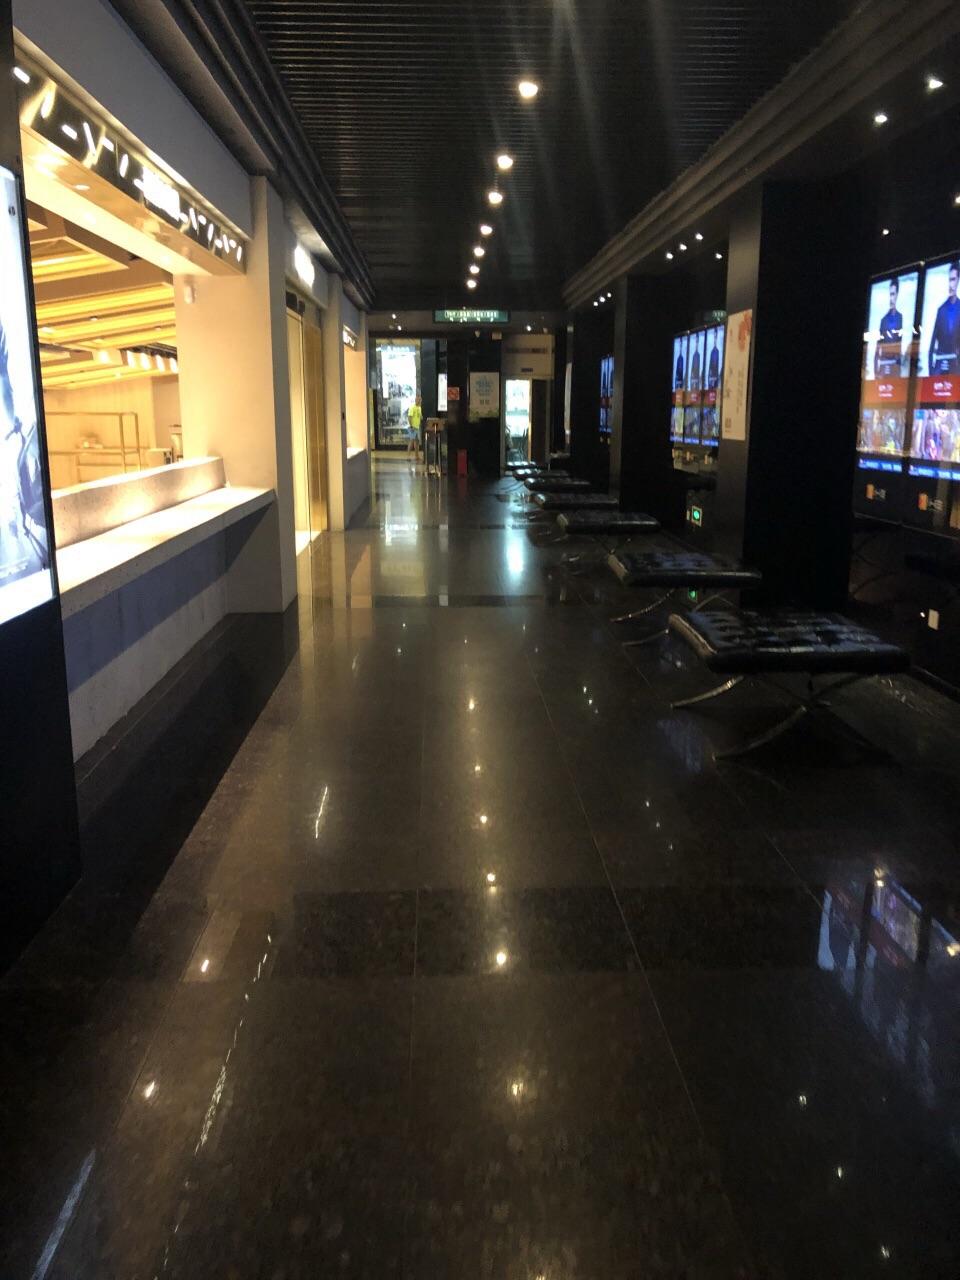 南昌上海路电影院_上海国泰电影院攻略,上海国泰电影院门票/游玩攻略/地址/图片